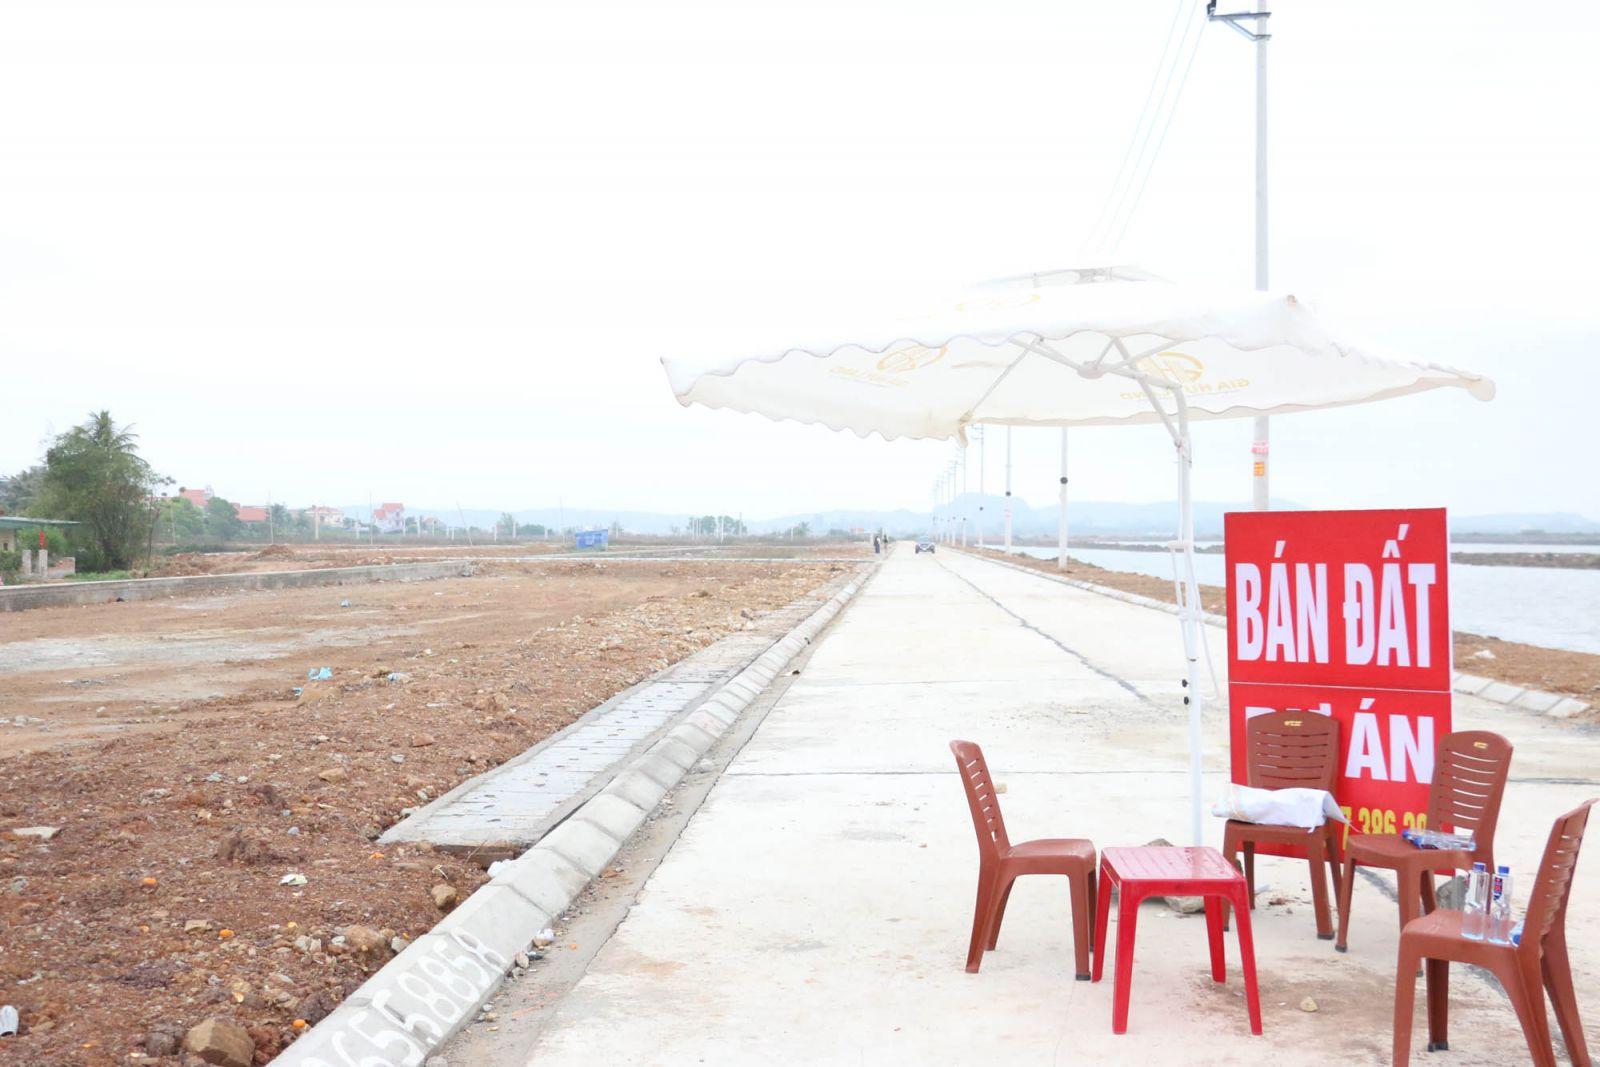 Bàn ghế được người môi giới đất đặt ở khu vực Thống Nhất, phường Tân An để tiện môi giới, giao dịch đất.